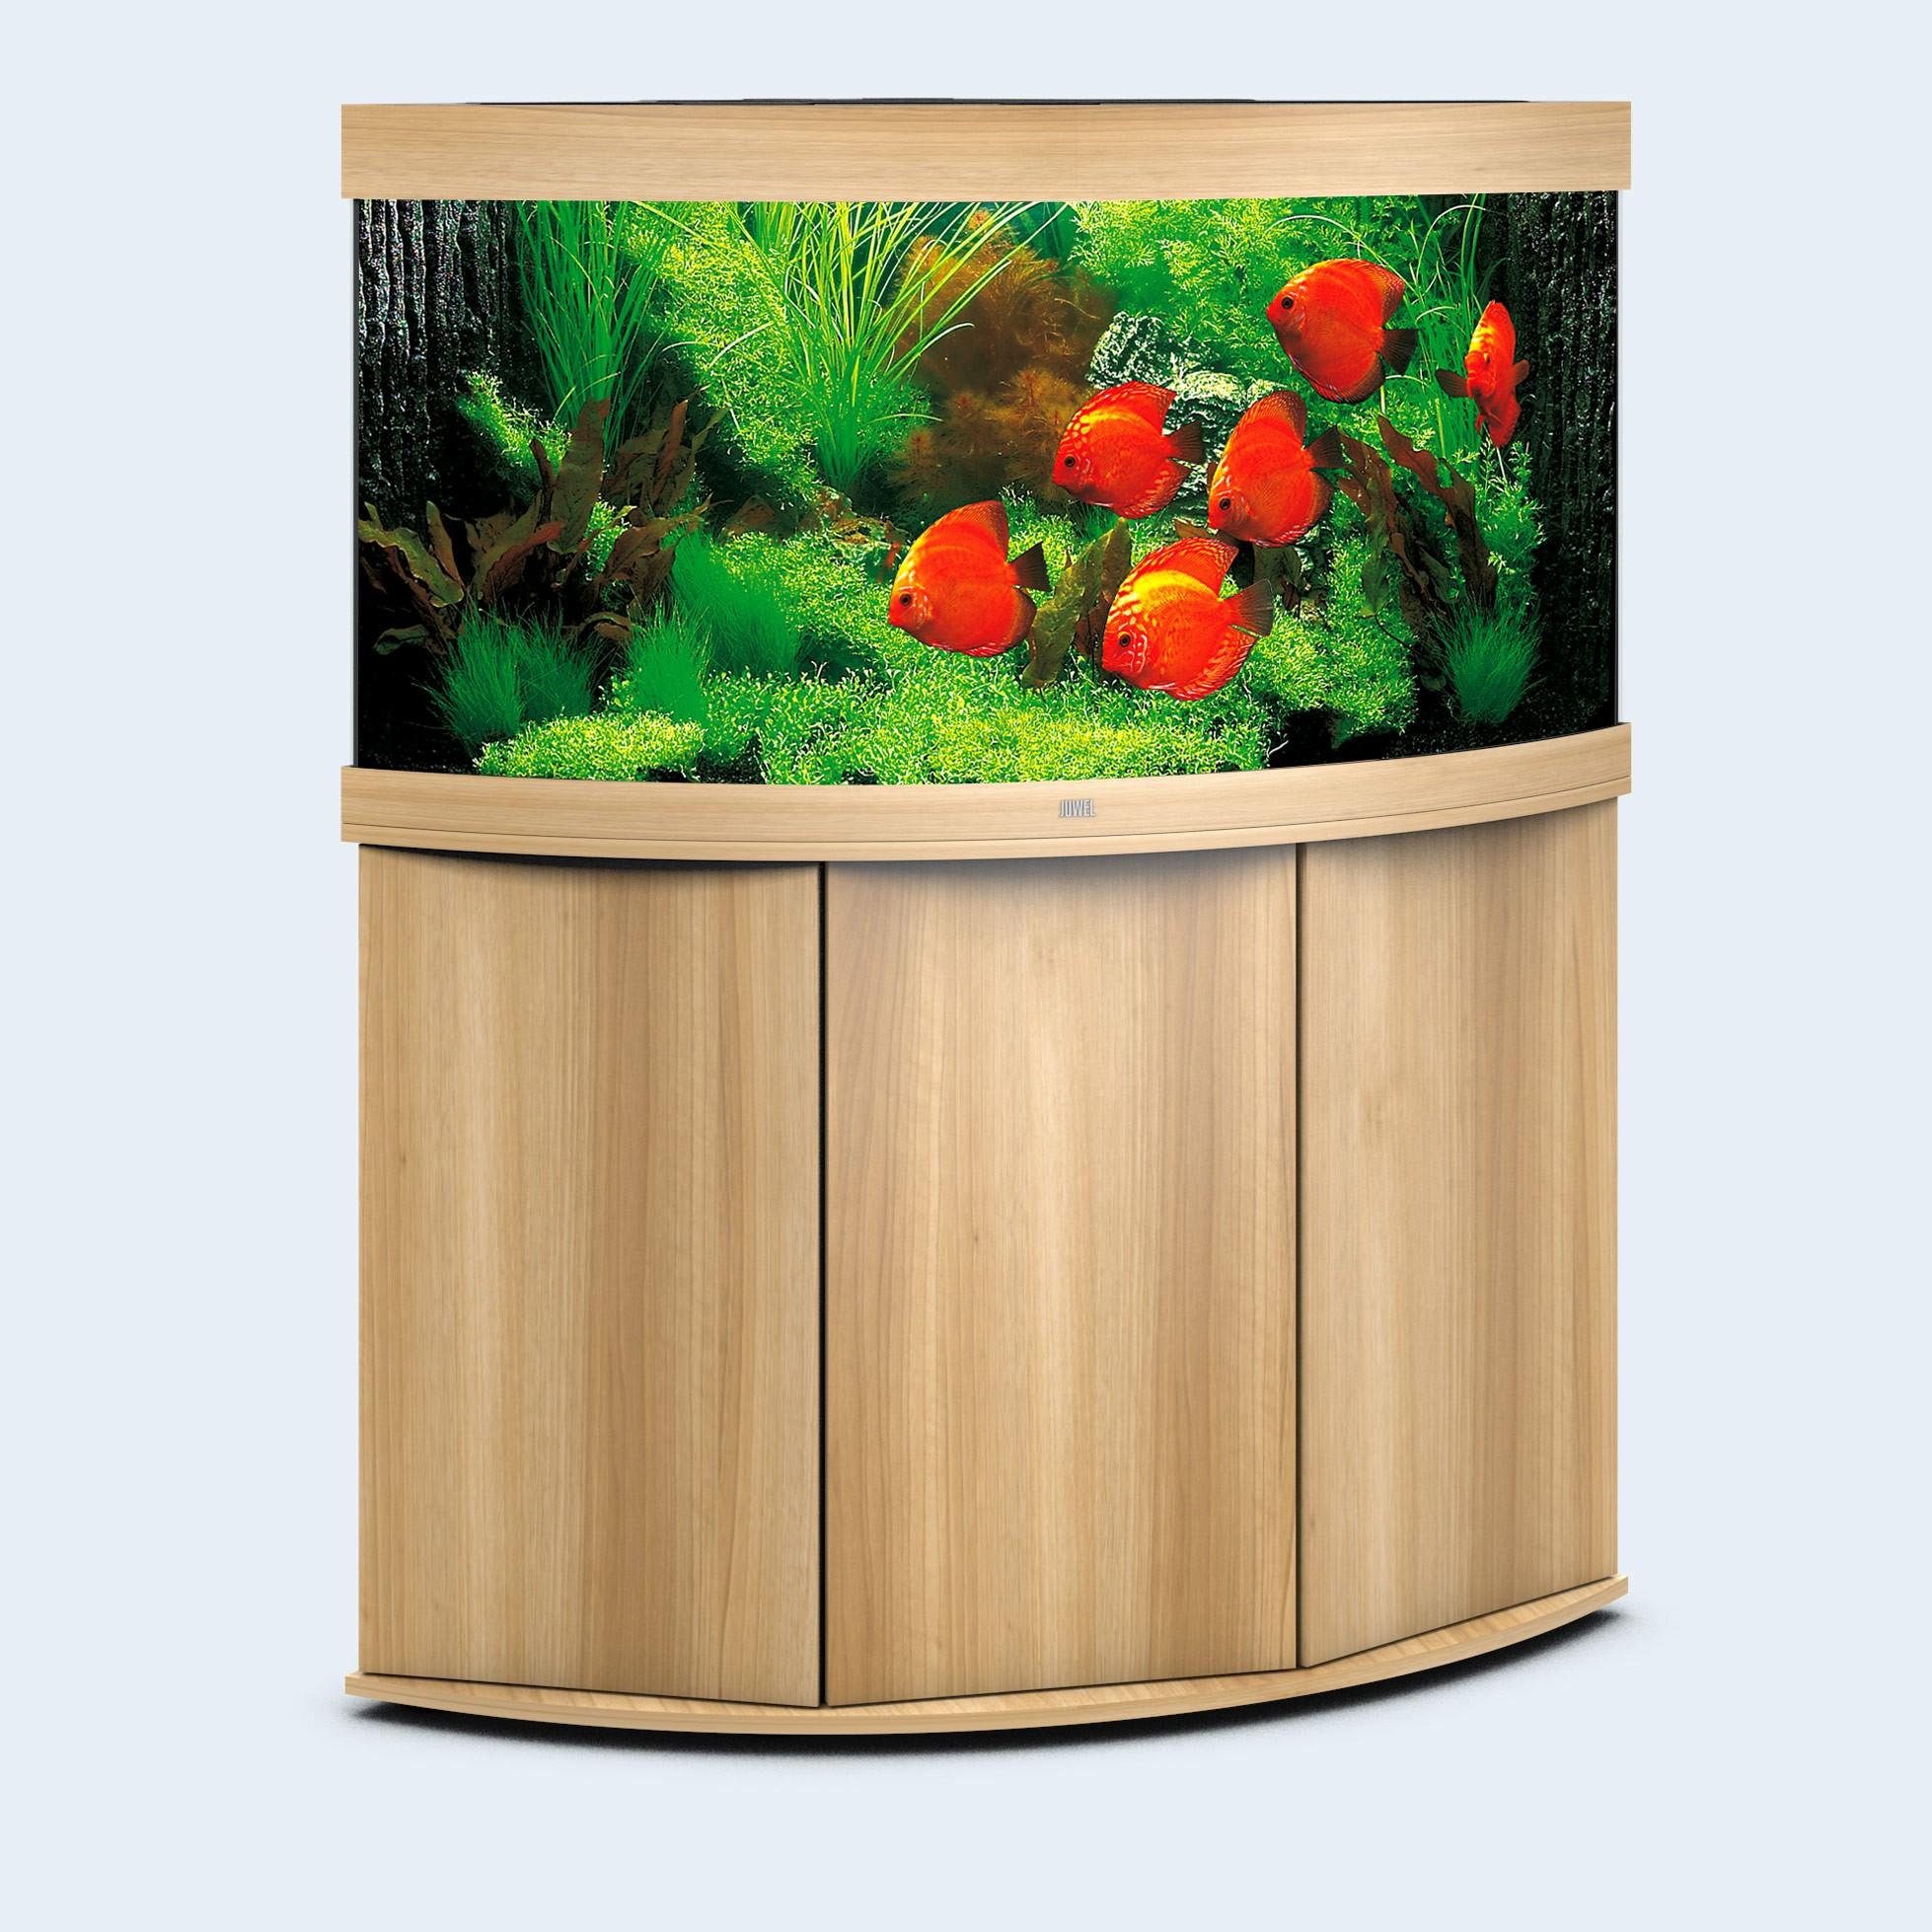 Juwel Trigon 350 liter lyst træ med underskab og Ledlys